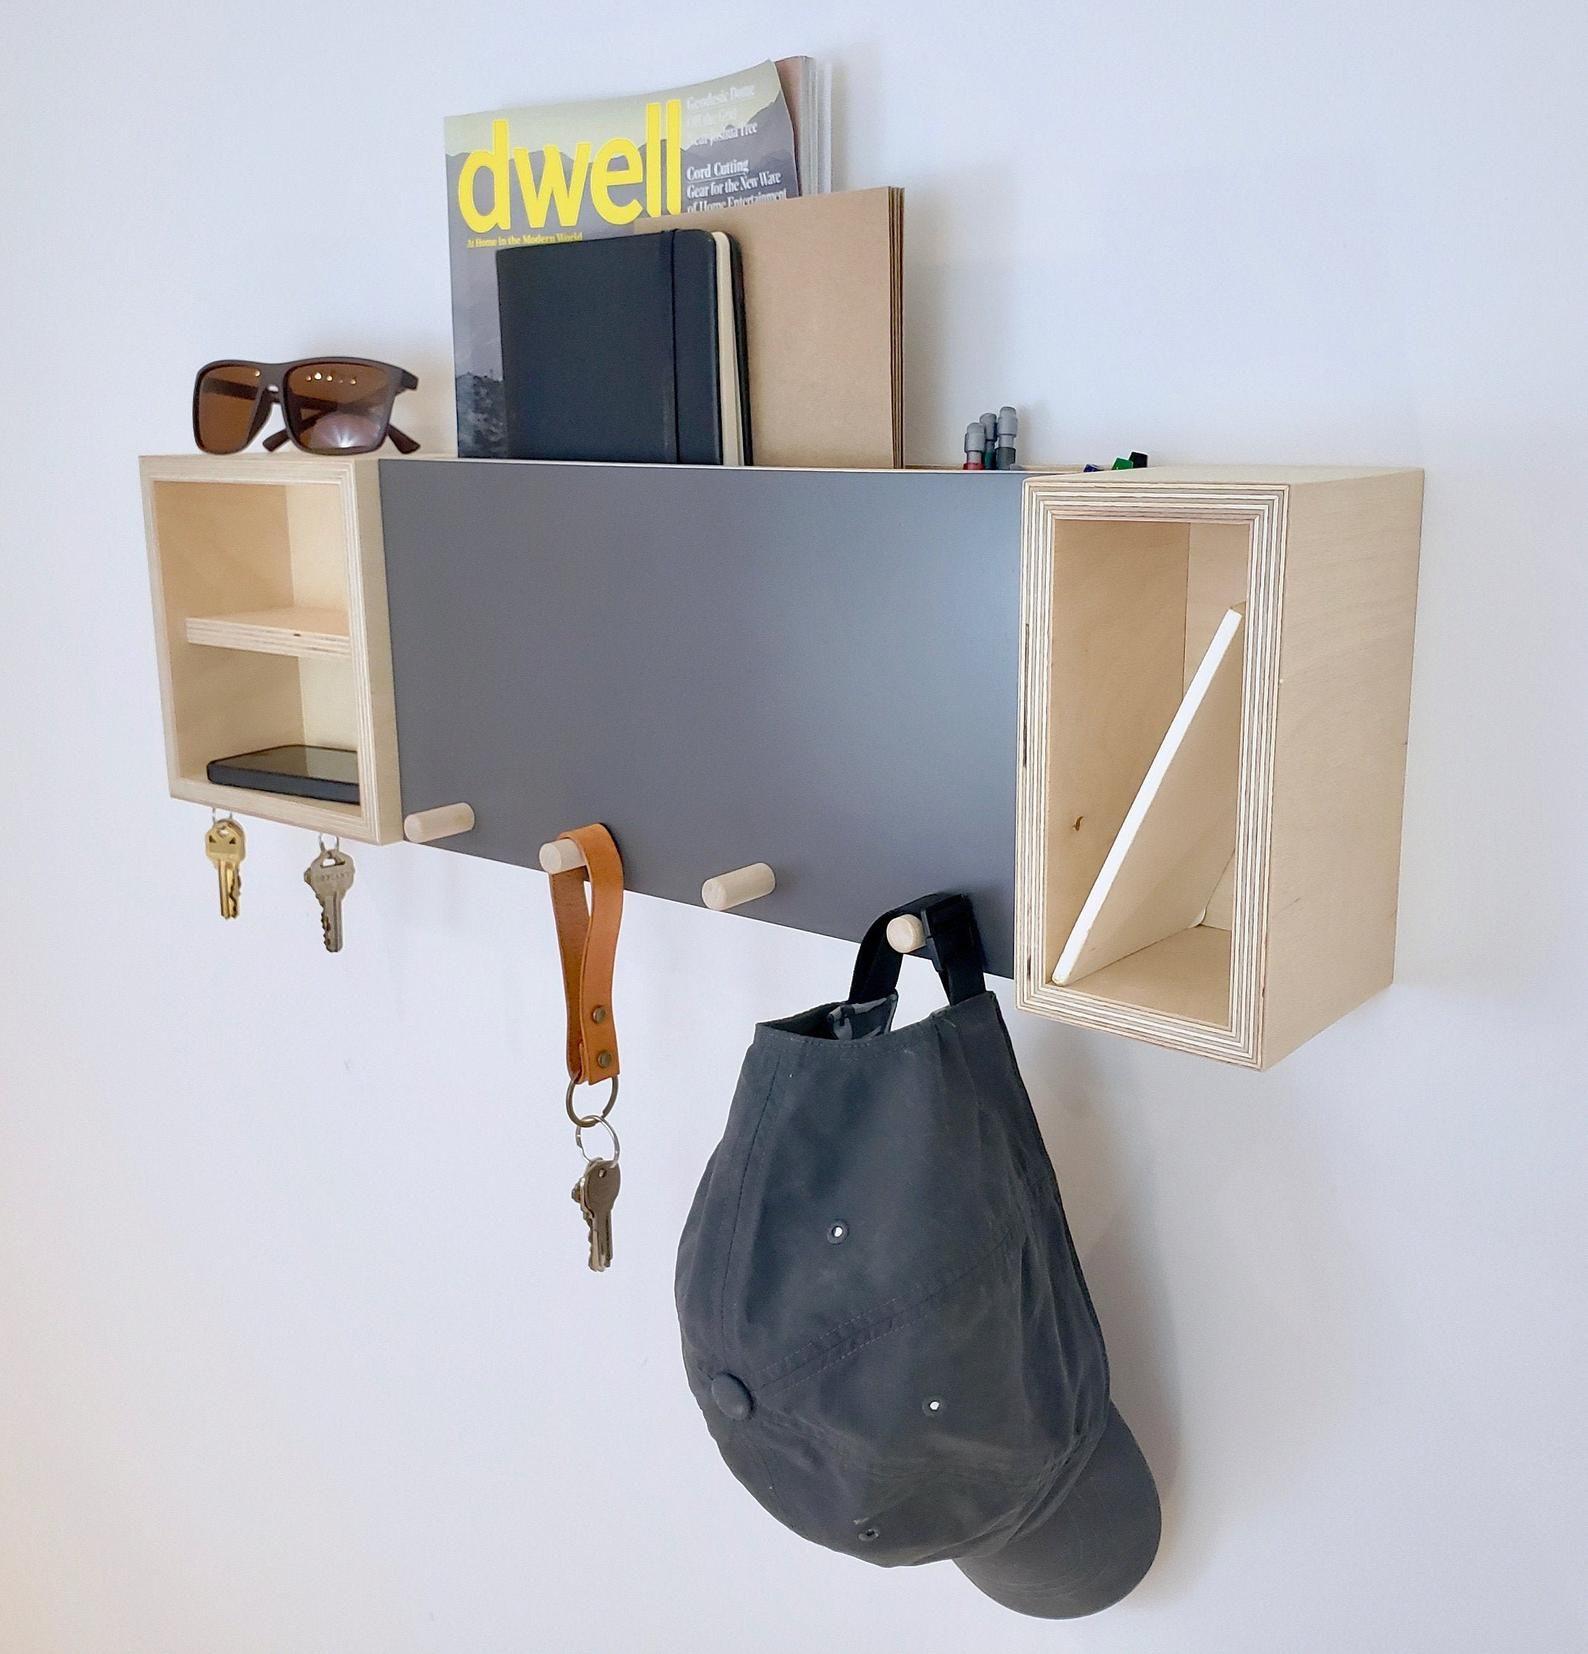 Entryway Organizer, Mail Organizer, Shelf With Hooks